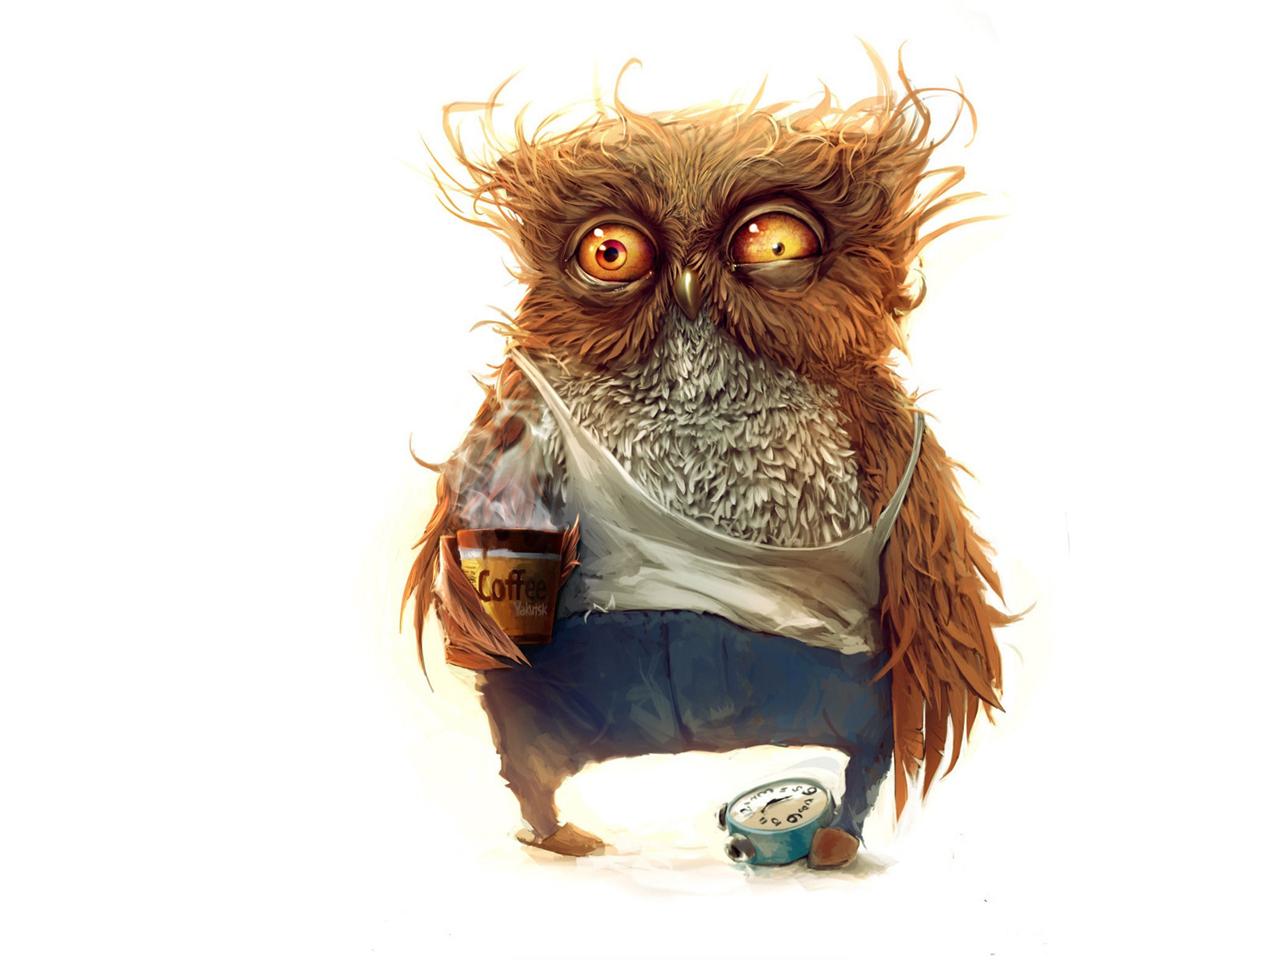 http://2.bp.blogspot.com/-dLaj3smf1Sg/T_lZJqURMkI/AAAAAAAACHY/ySGCMStt_Q8/s1600/Tired-Owl_1280x960_5299.jpg